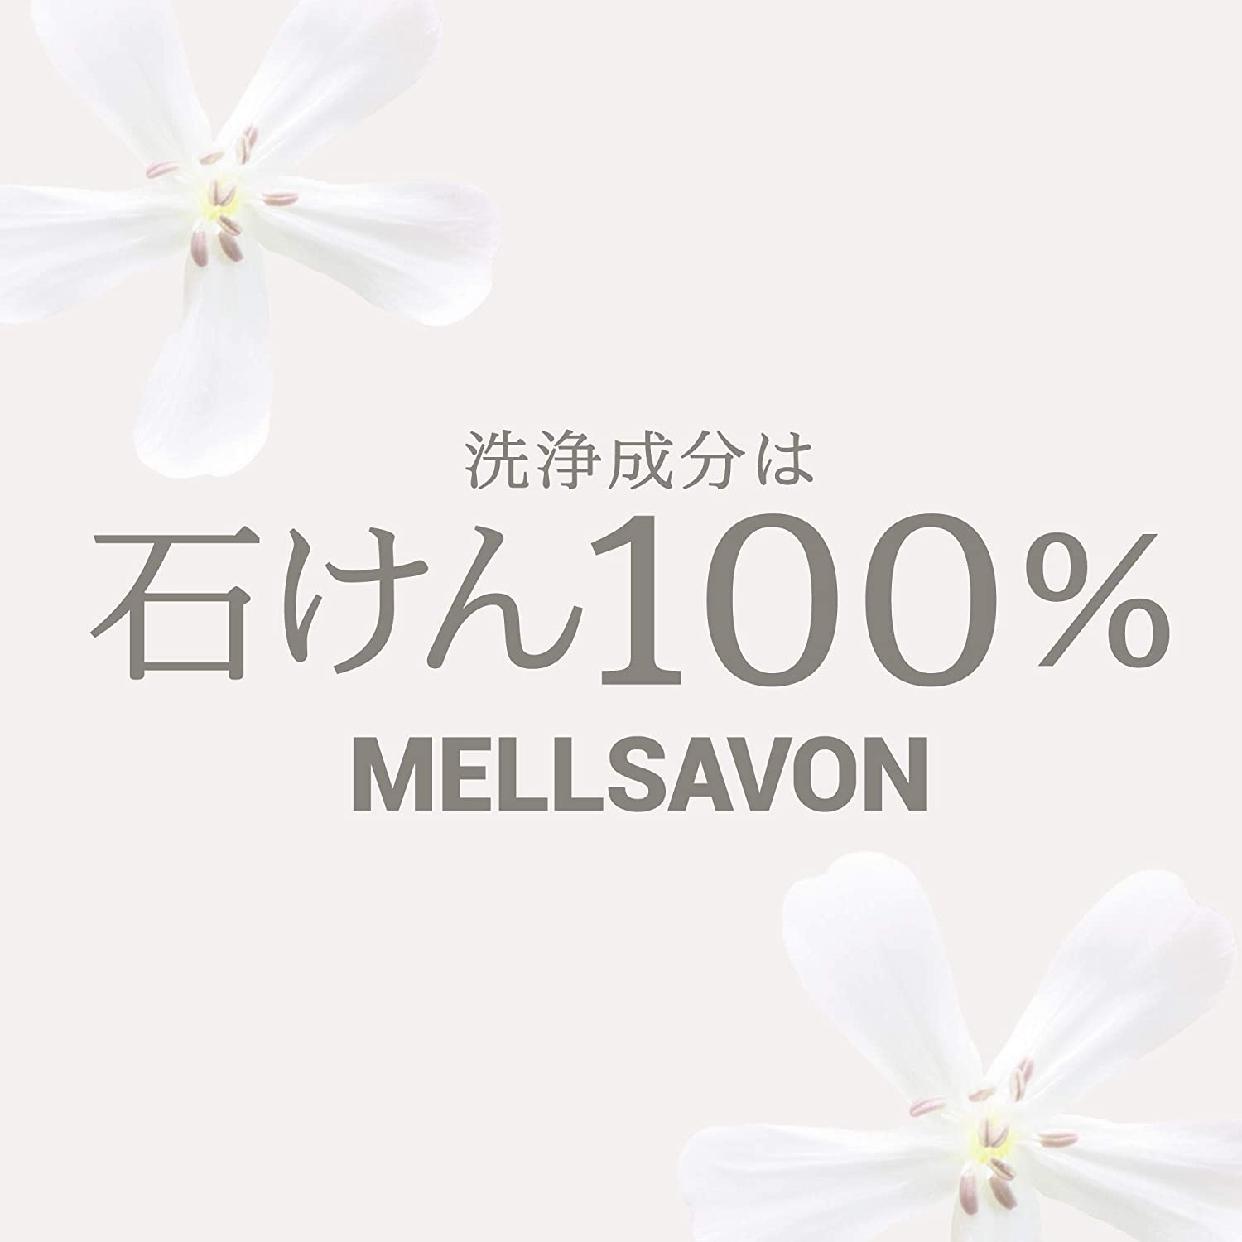 MELLSAVON(メルサボン)ボディウォッシュの商品画像5